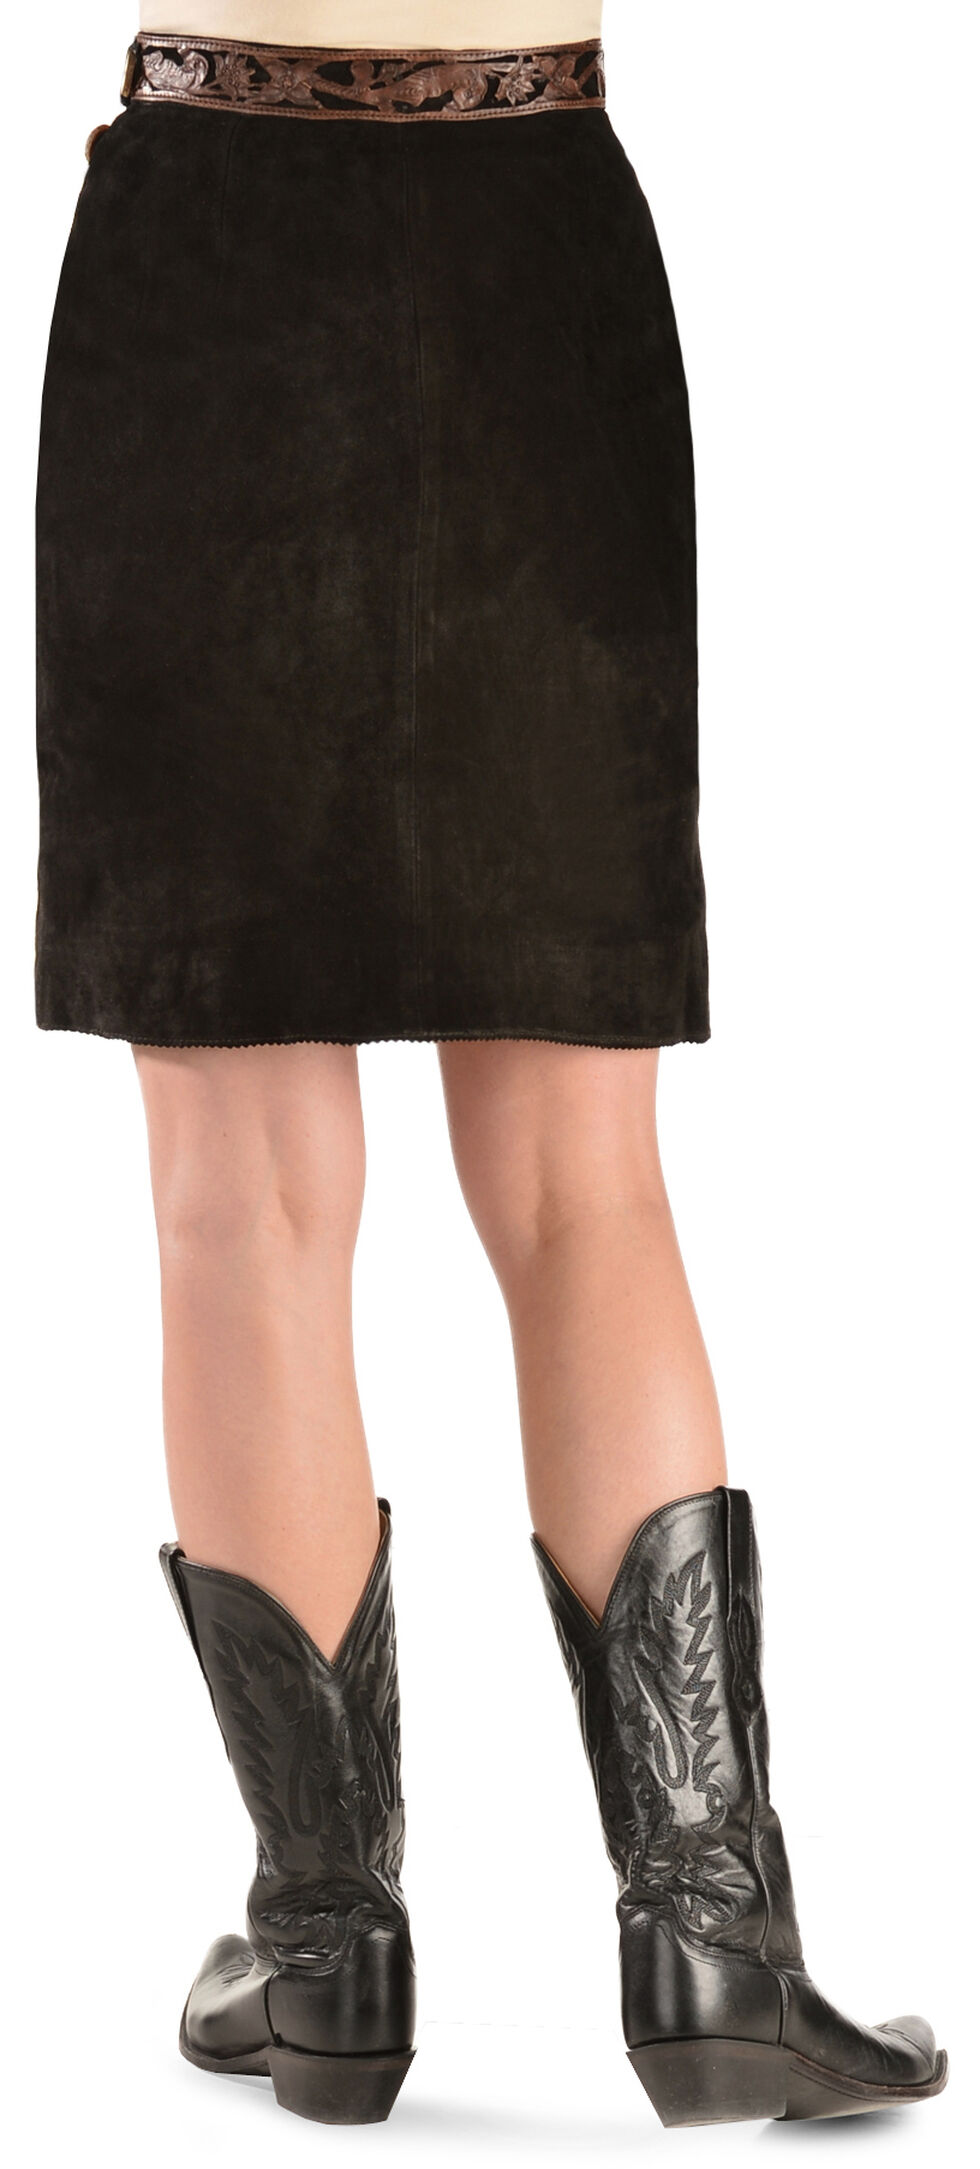 Kobler Leather Women's Tooled Leather & Fringe Sedona Suede Skirt, Black, hi-res